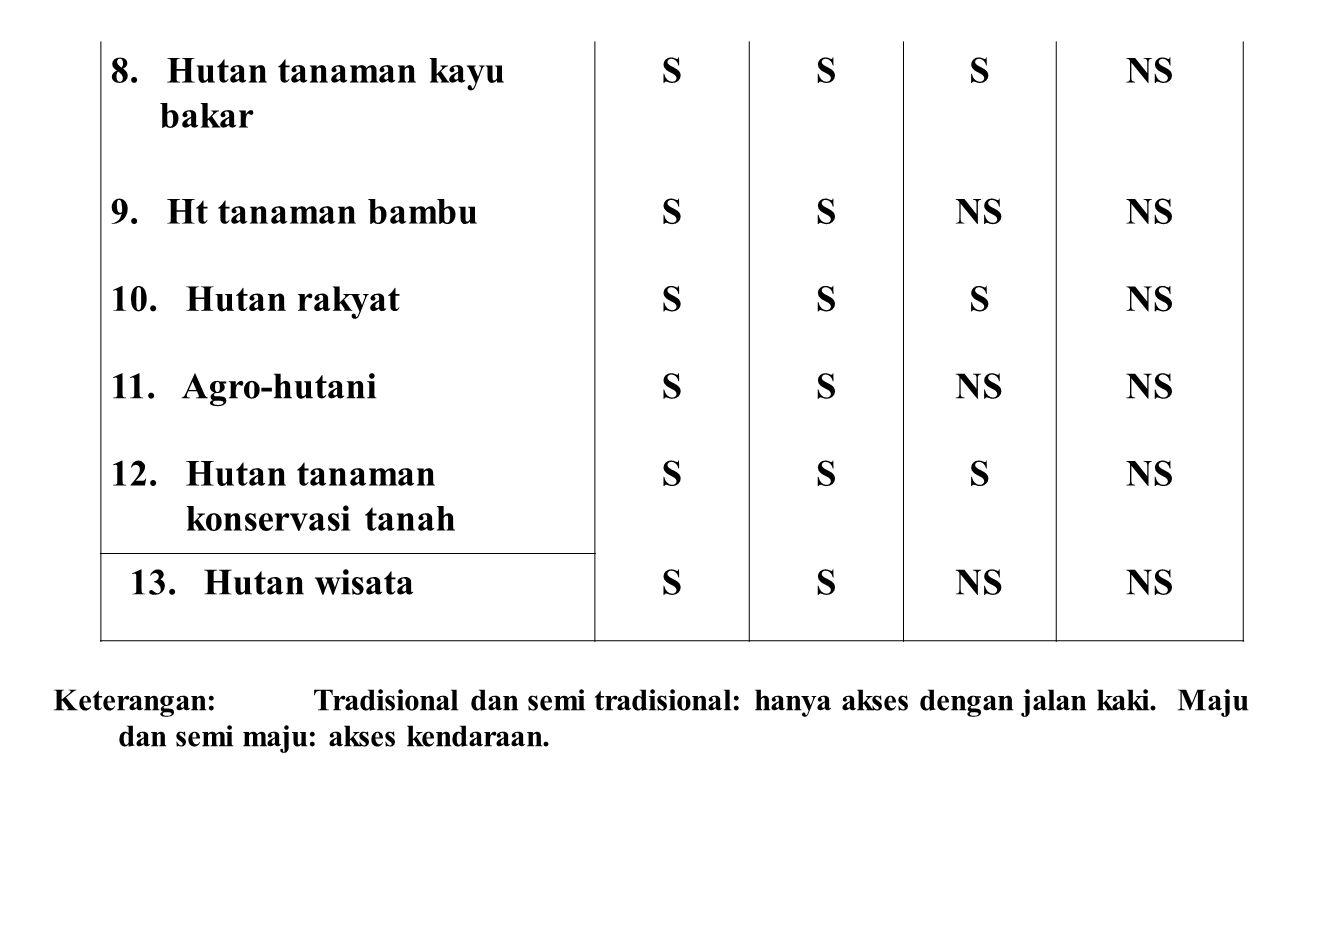 Keterangan: Tradisional dan semi tradisional: hanya akses dengan jalan kaki. Maju dan semi maju: akses kendaraan. 8. Hutan tanaman kayu bakar SSSNS 9.